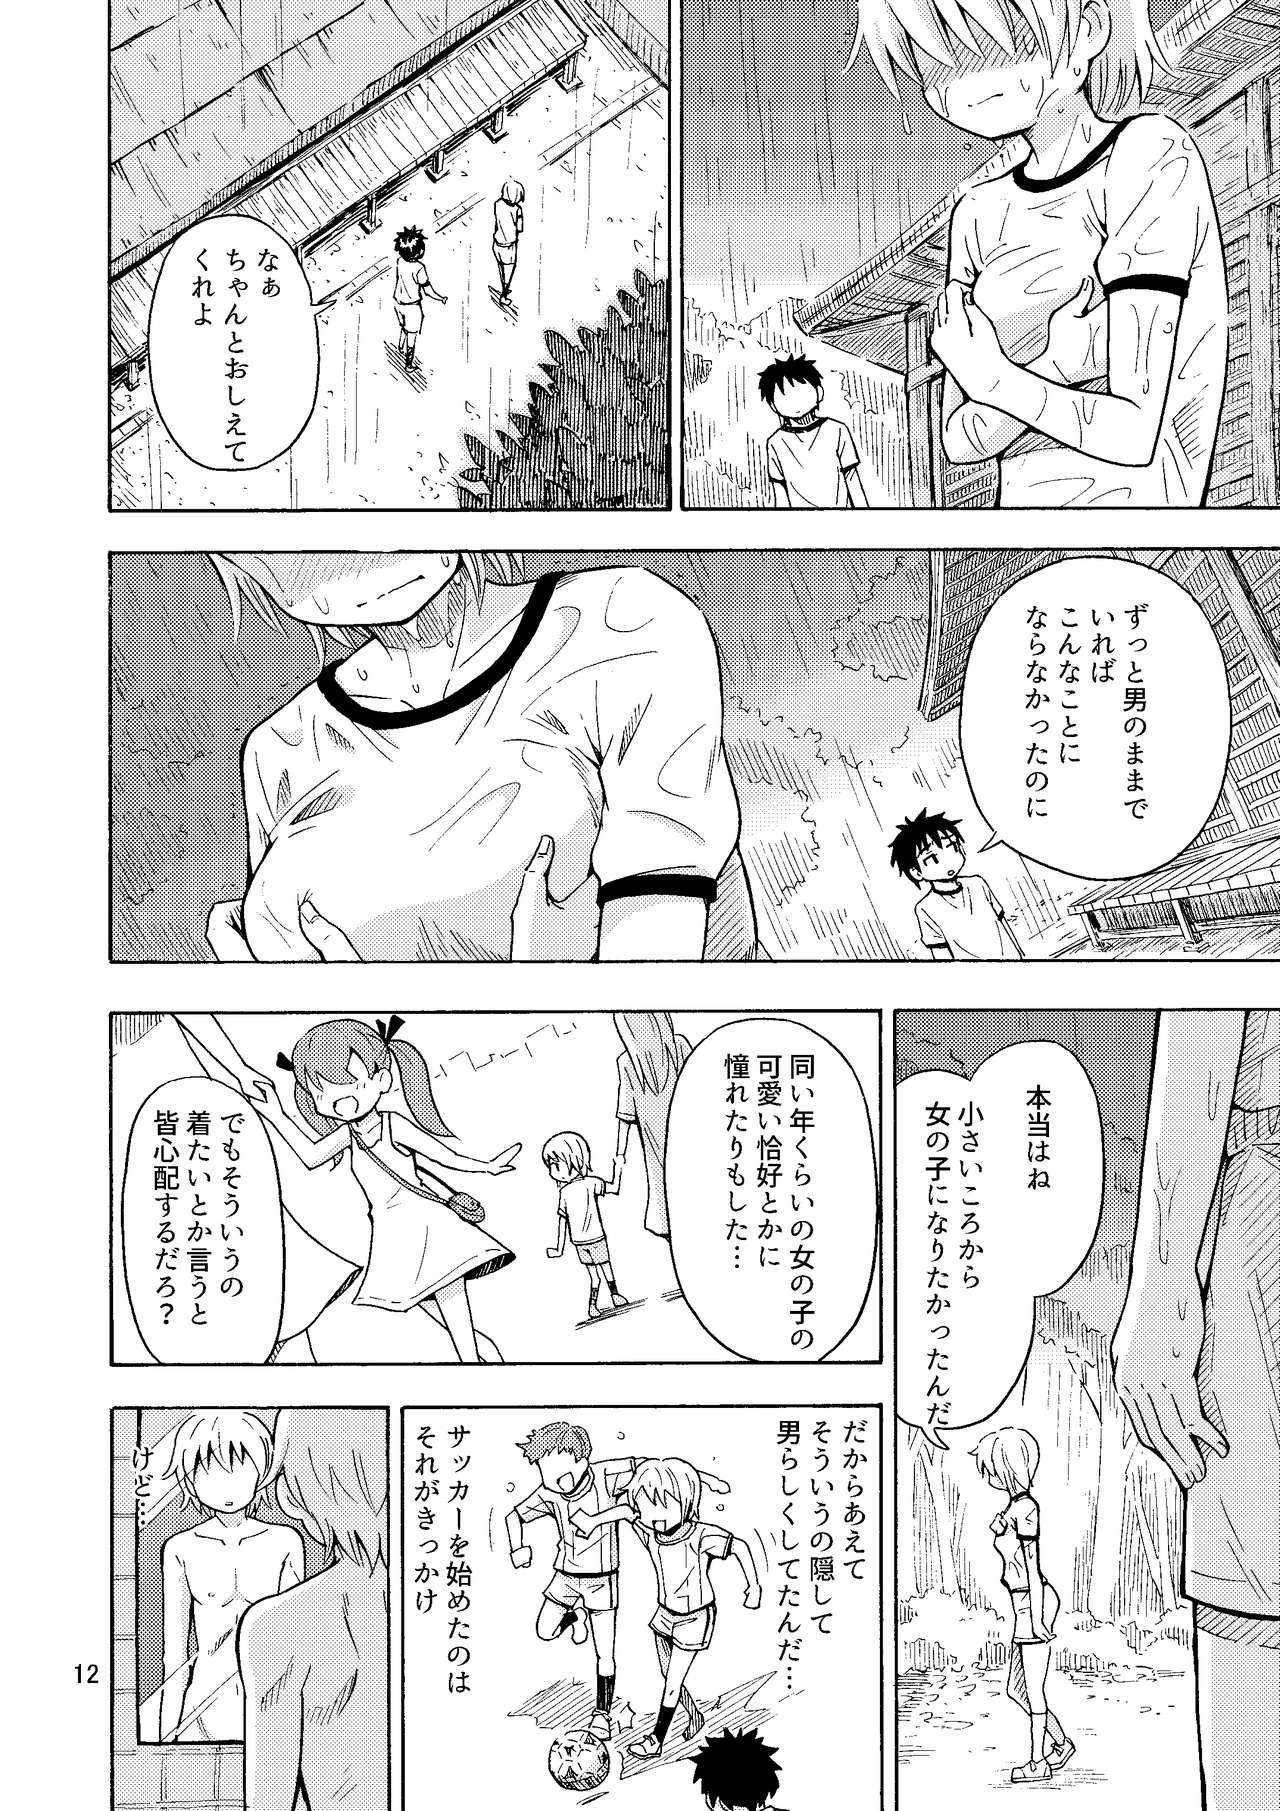 Shinyuu ga Onnanoko ni Narimashita 12